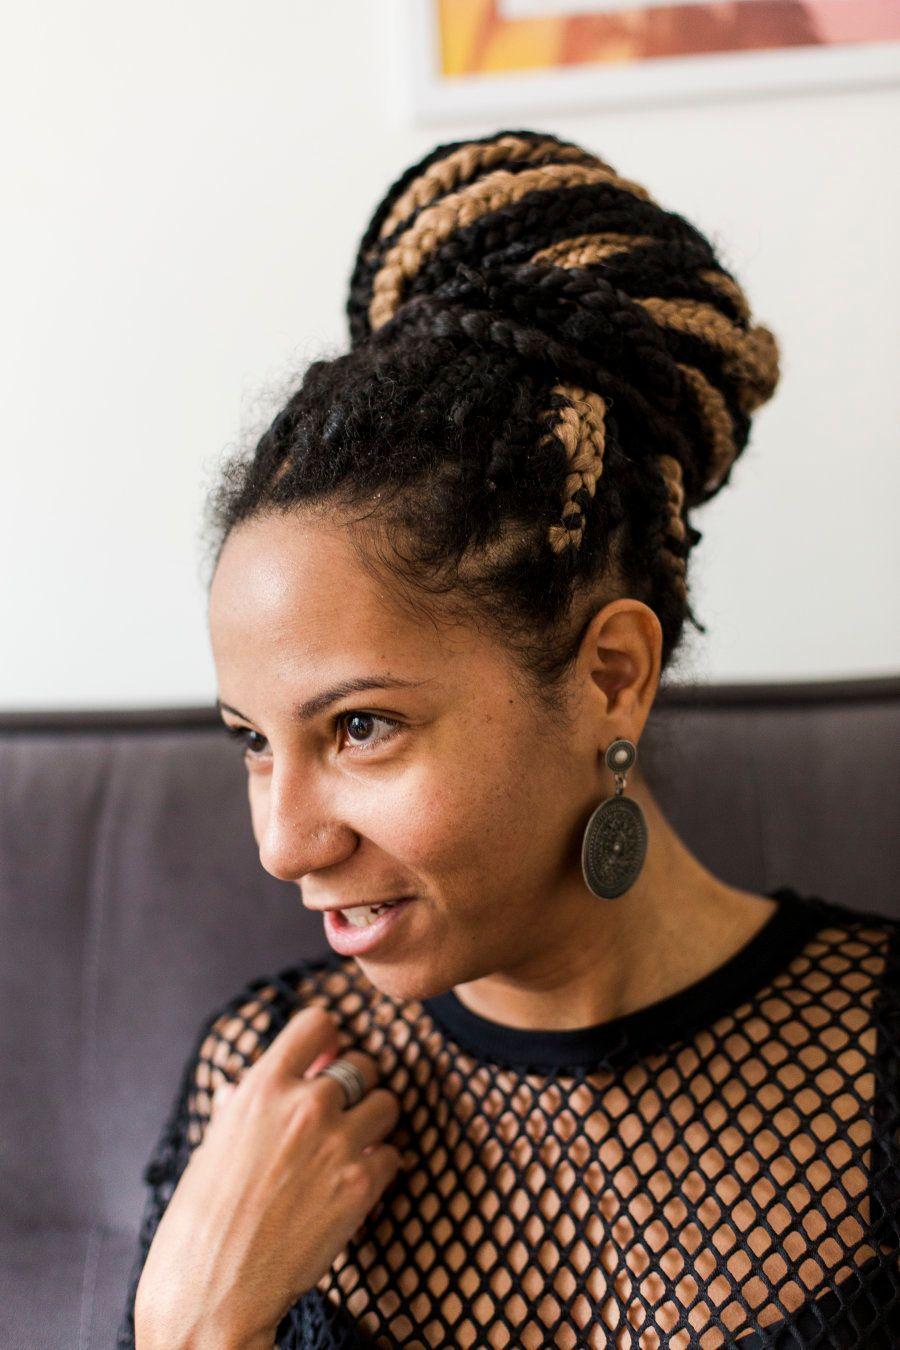 Poliana também quer mostrar como a internet possibilitou o encontro, deu voz e projetou pessoas negras...